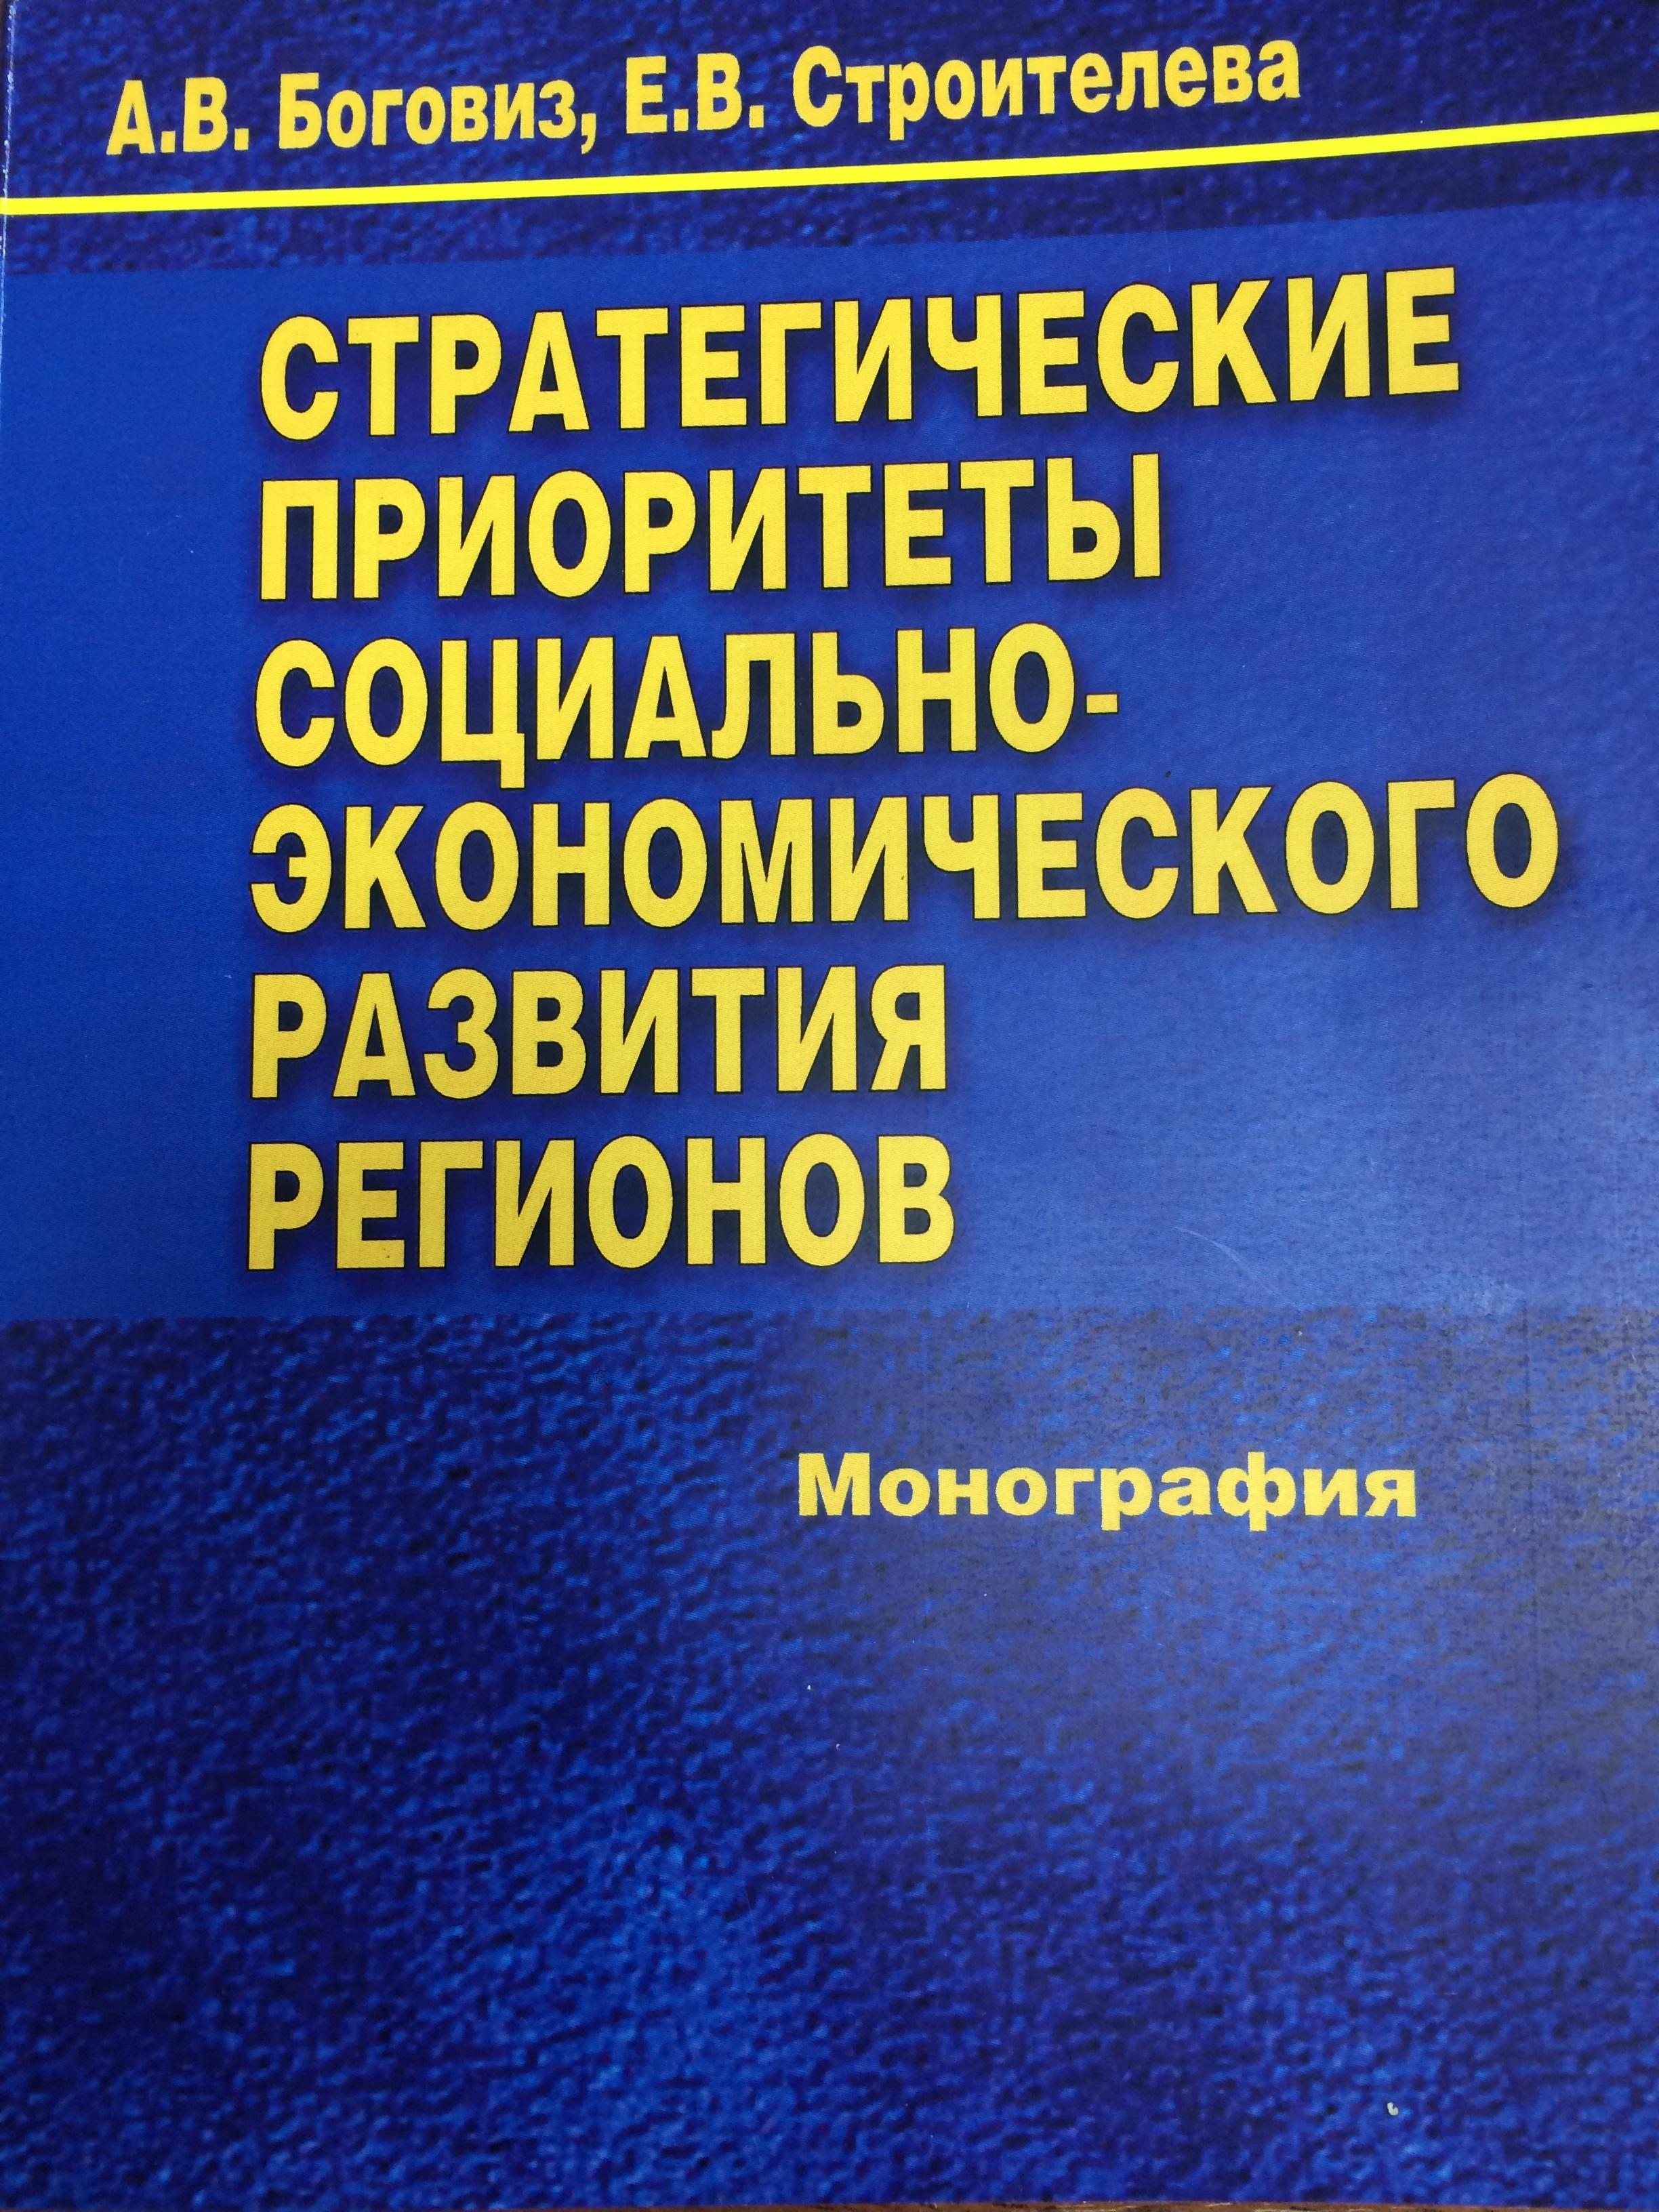 Стратегические приоритеты социально-экономического развития регионов